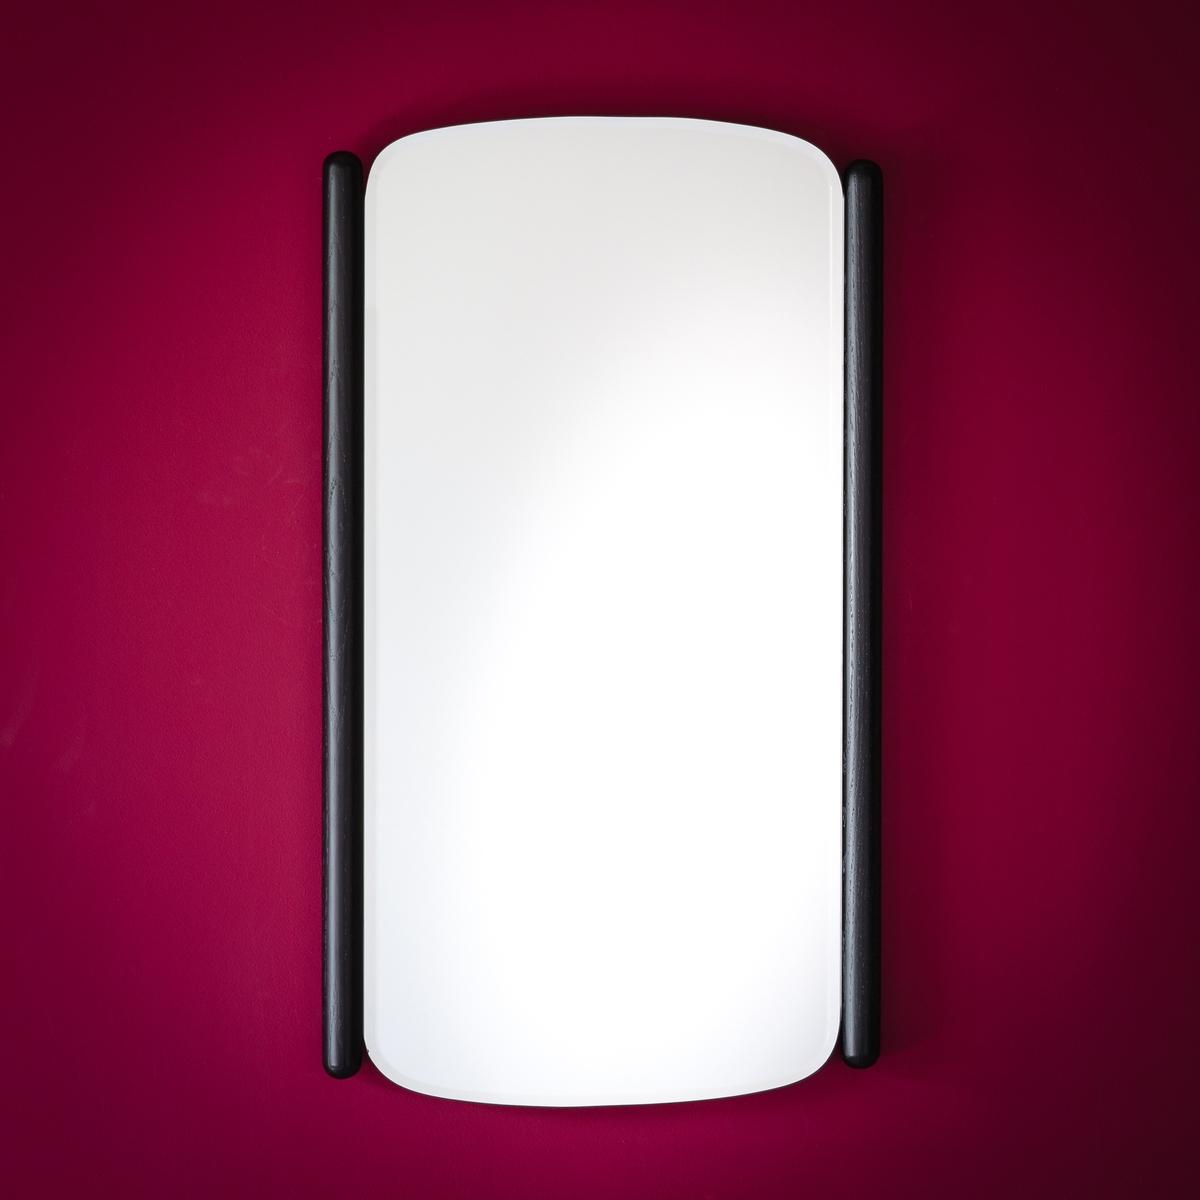 Зеркало с отделкой из дуба черного цвета Maison Sarah LavoineSarah Lavoine предложила la Redoute Int?rieurs коллекцию, в которой сочетаются комфорт и стиль. Коллекция задумана как путешествие сквозь время и стили, создательница предлагает элегантные изделия, которые всё время актуальны и которые открывают историю. Зеркало с отделкой из черного дуба Maison Sarah Lavoine отражает лучи и свет и добавит окончательный штрих  вашему декору  . Можно использовать отдельно или в сочетании с зеркалом маленького размера, которое продается на нашем сайте .Описание зеркала с отделкой из черного дуба Maison Sarah Lavoine :Зеркало со скошенными гранями Характеристики зеркала с отделкой из черного дуба Maison Sarah Lavoine  :Дуб с черным матовым покрытием Зеркало со скошенными гранями  Крепление для вертикального или горизонтального расположения Всю коллекцию Maison Sarah Lavoine можно найти на сайте laredoute.ru  Размеры зеркала с отделкой из черного дуба Maison Sarah Lavoine   Ширина 40 см.Высота 73 смТолщина 2 см<br><br>Цвет: черный